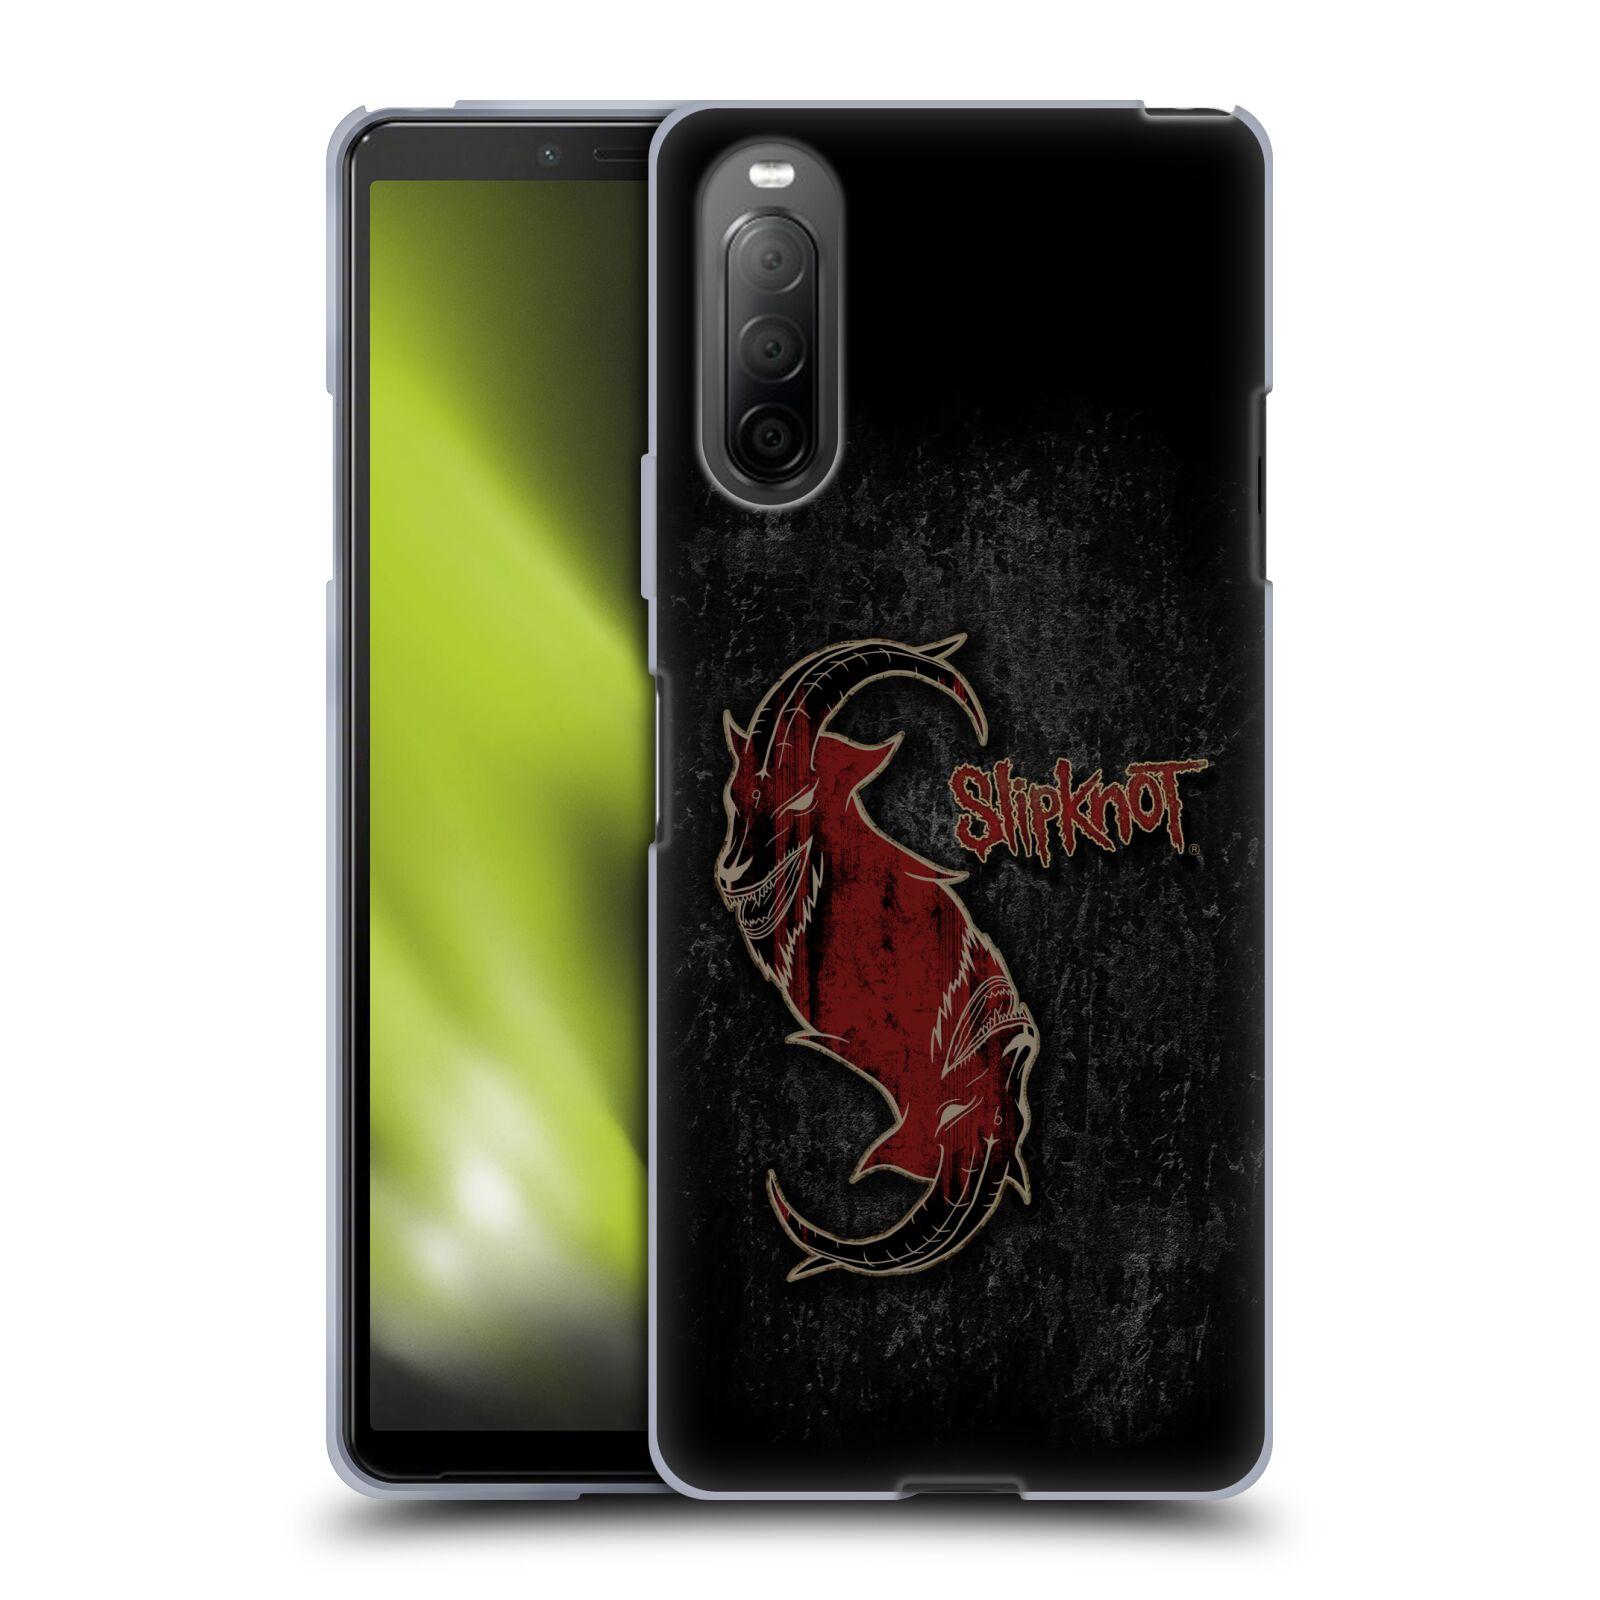 Silikonové pouzdro na mobil Sony Xperia 10 II - Head Case - Slipknot - Rudý kozel